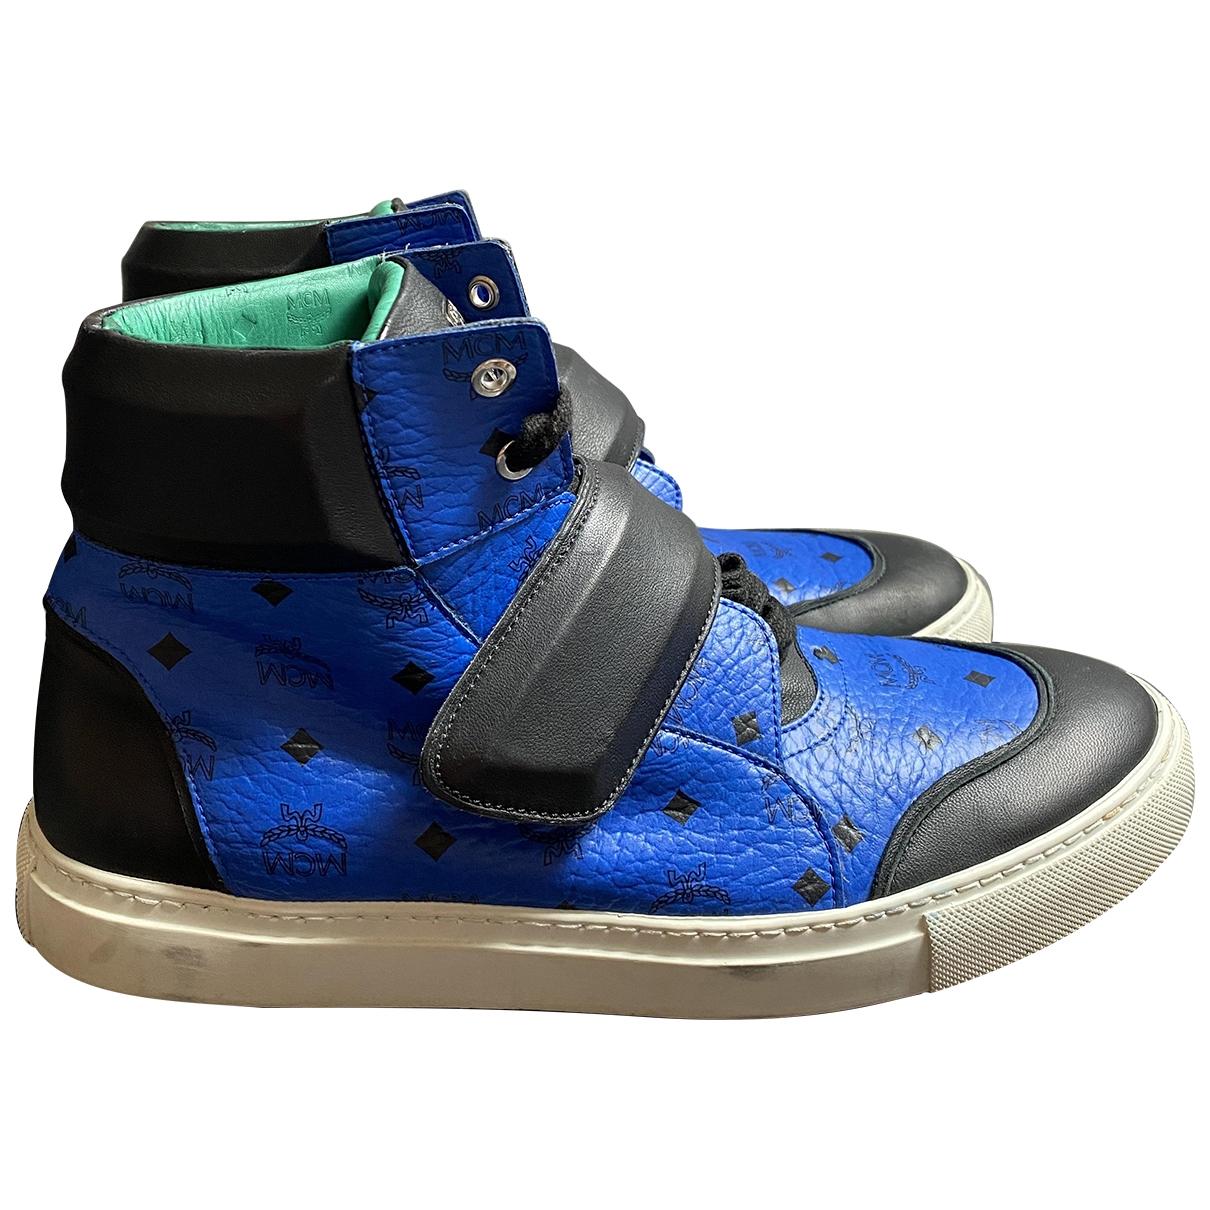 Mcm \N Sneakers in  Blau Leder